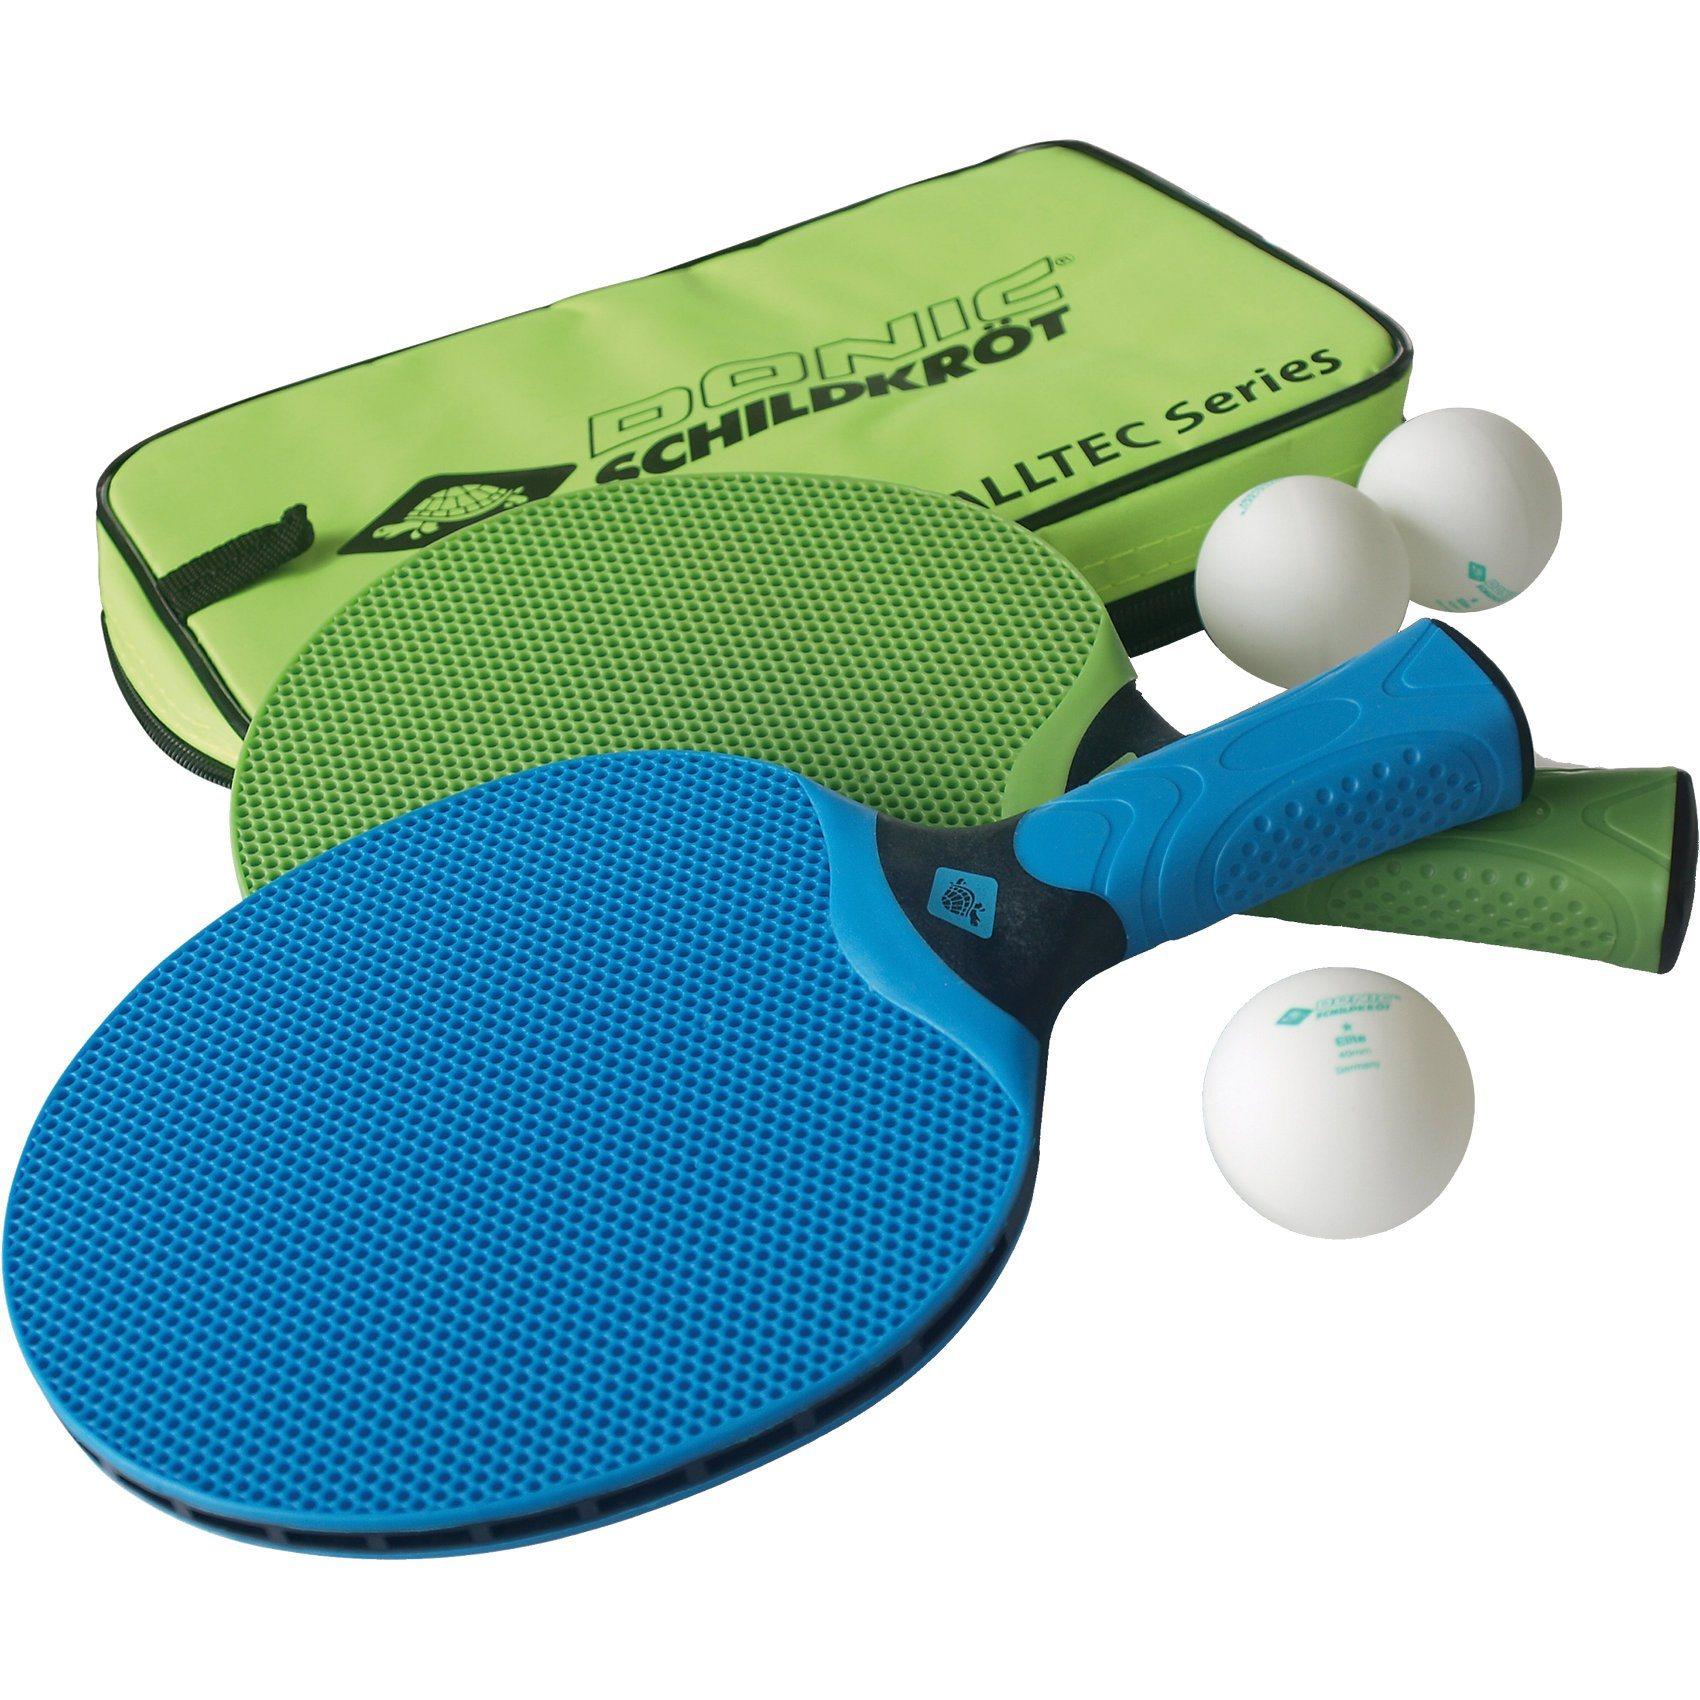 Outdoor-Tischtennisset